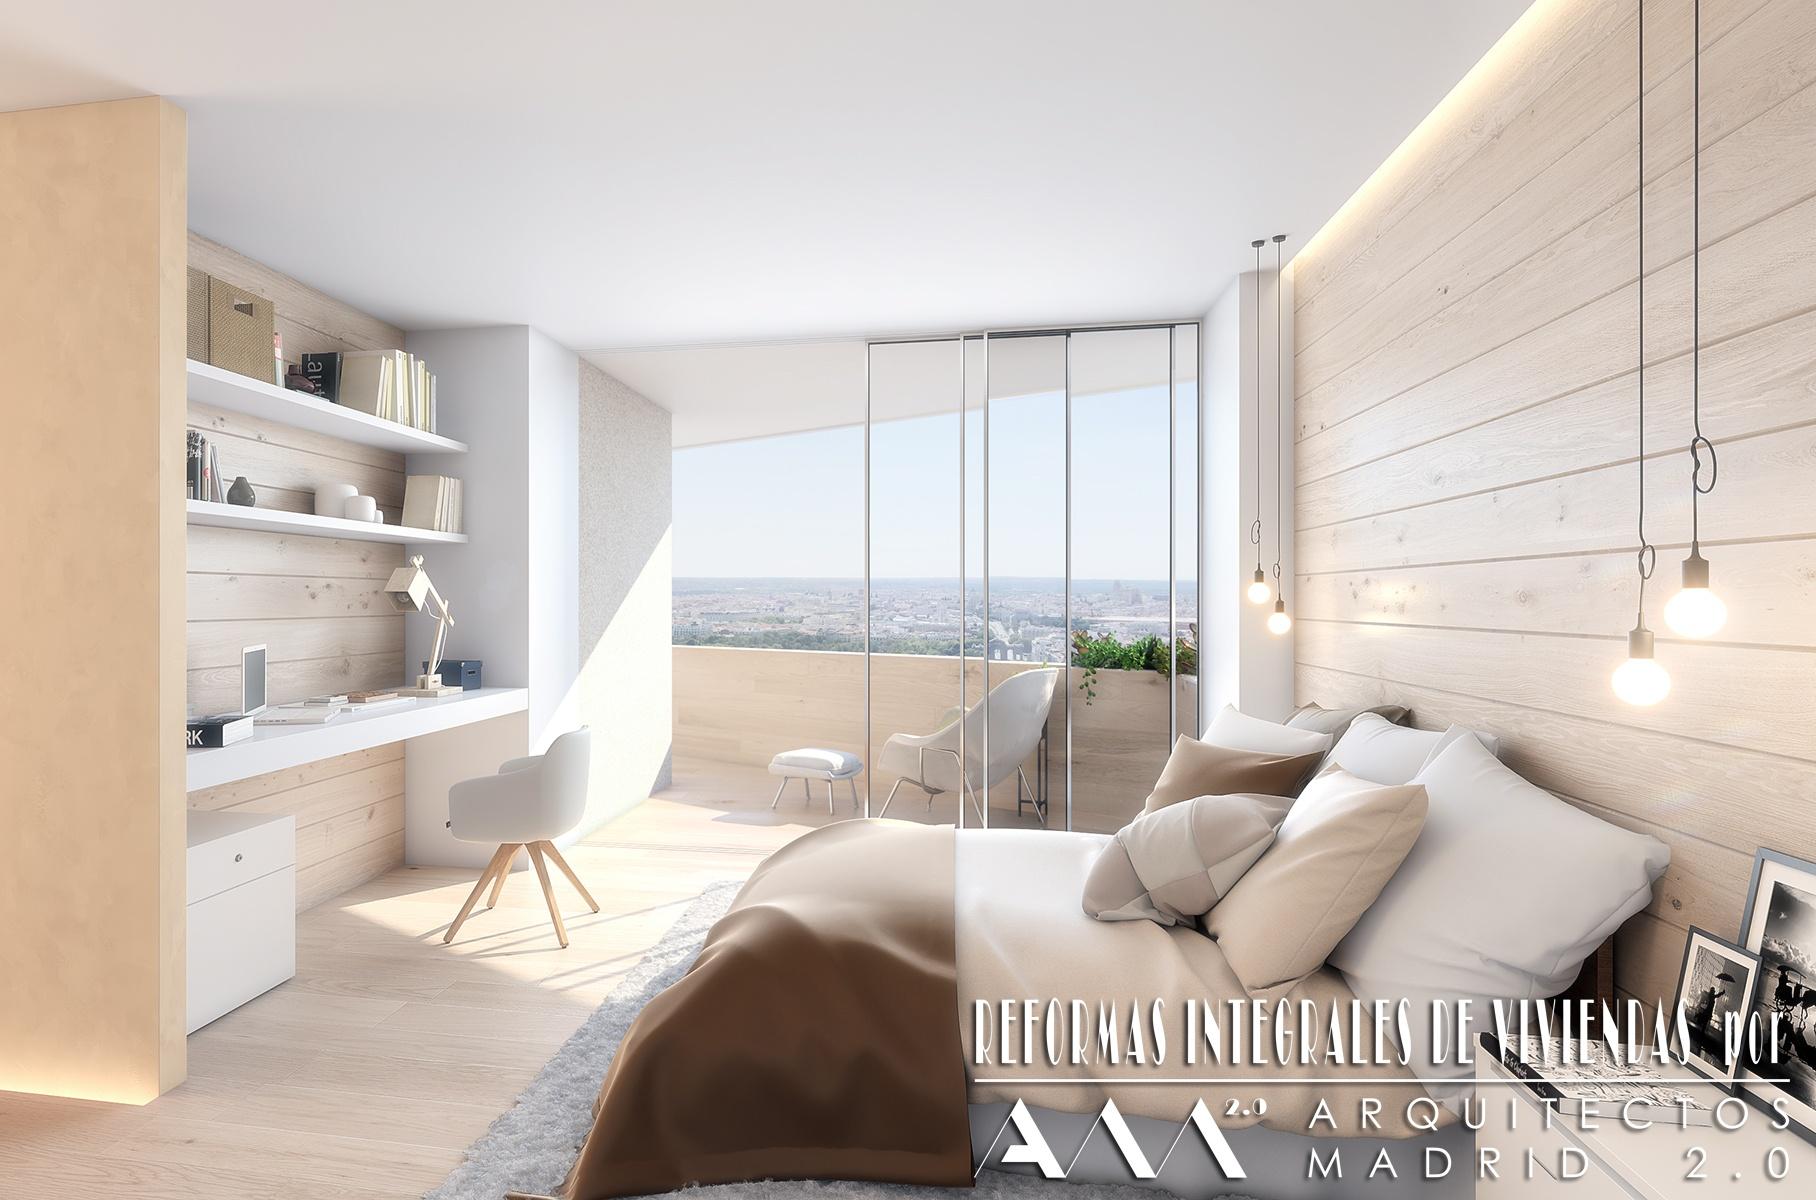 reformas-viviendas-proyectos-casas-pisos-apartamentos-arquitectos-madrid-3